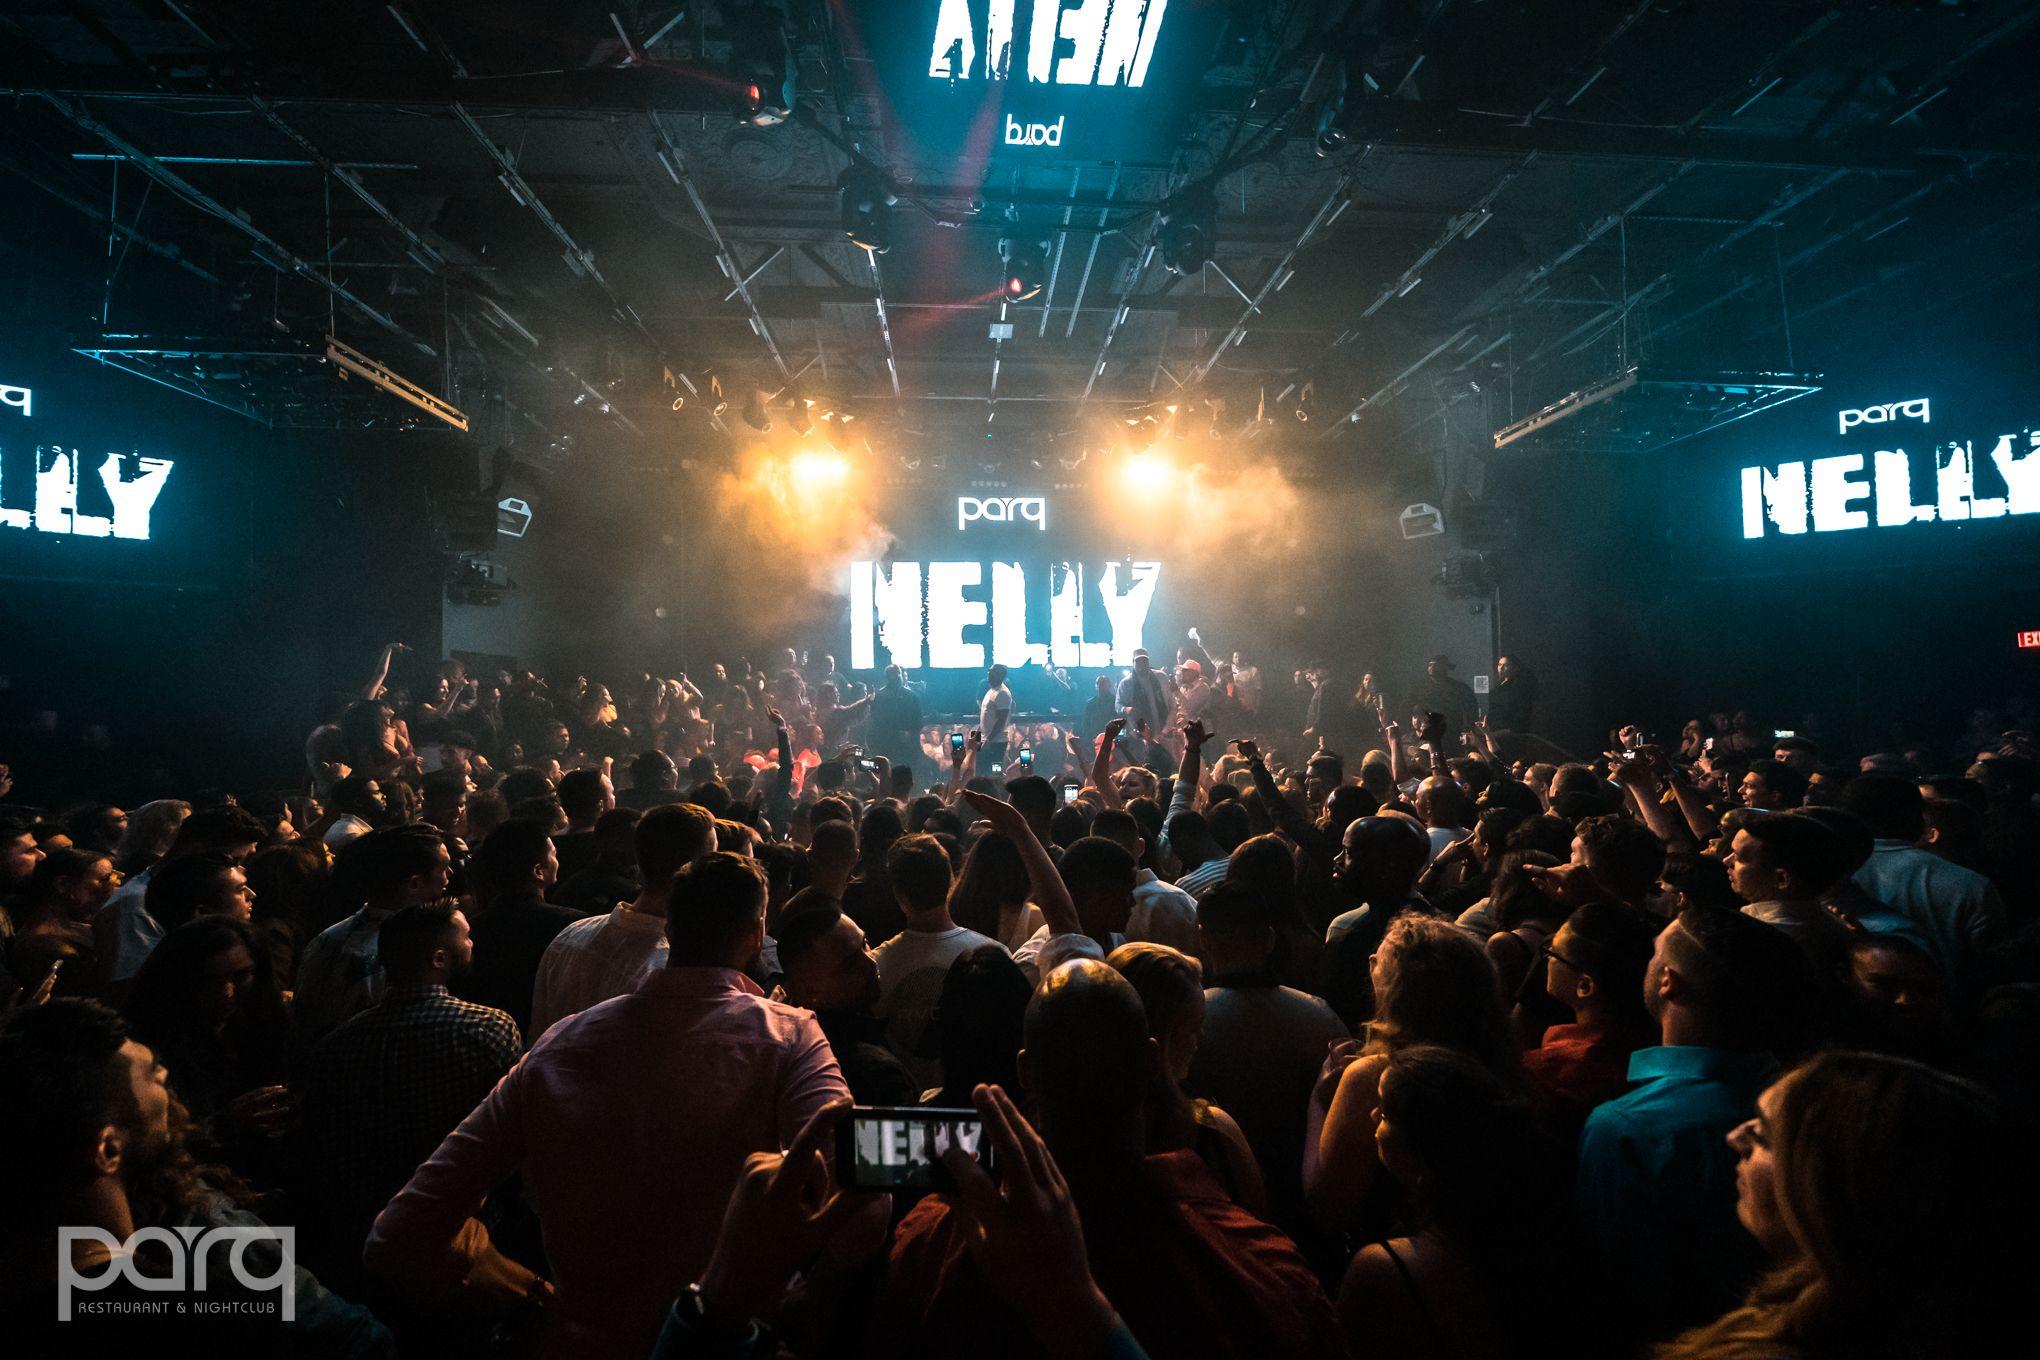 06.14.19 Parq - Nelly-22.jpg